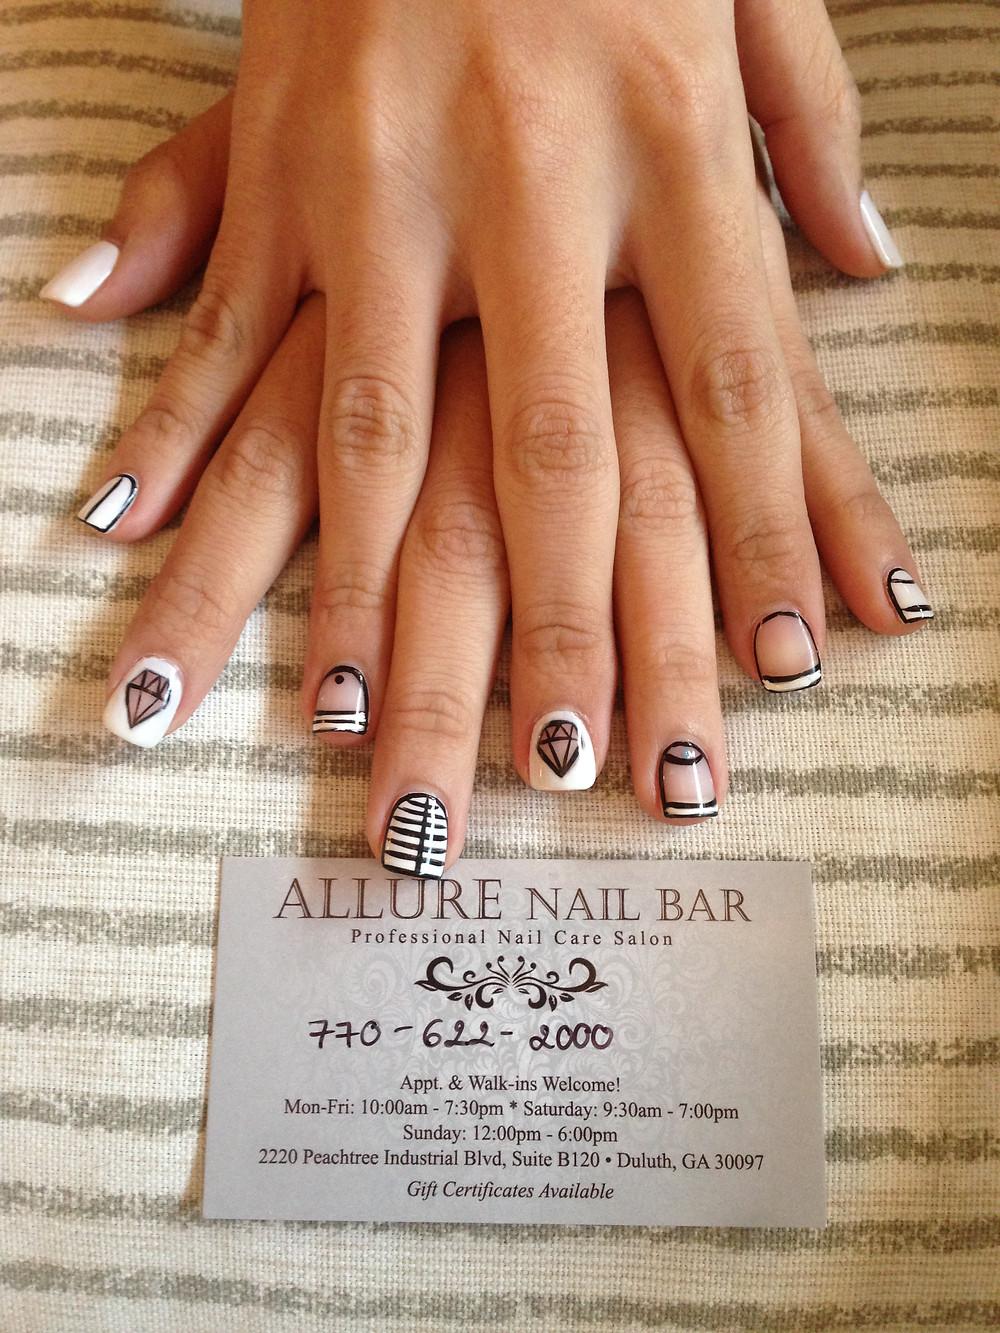 Allure Nail Bar Duluth - Holiday nail art